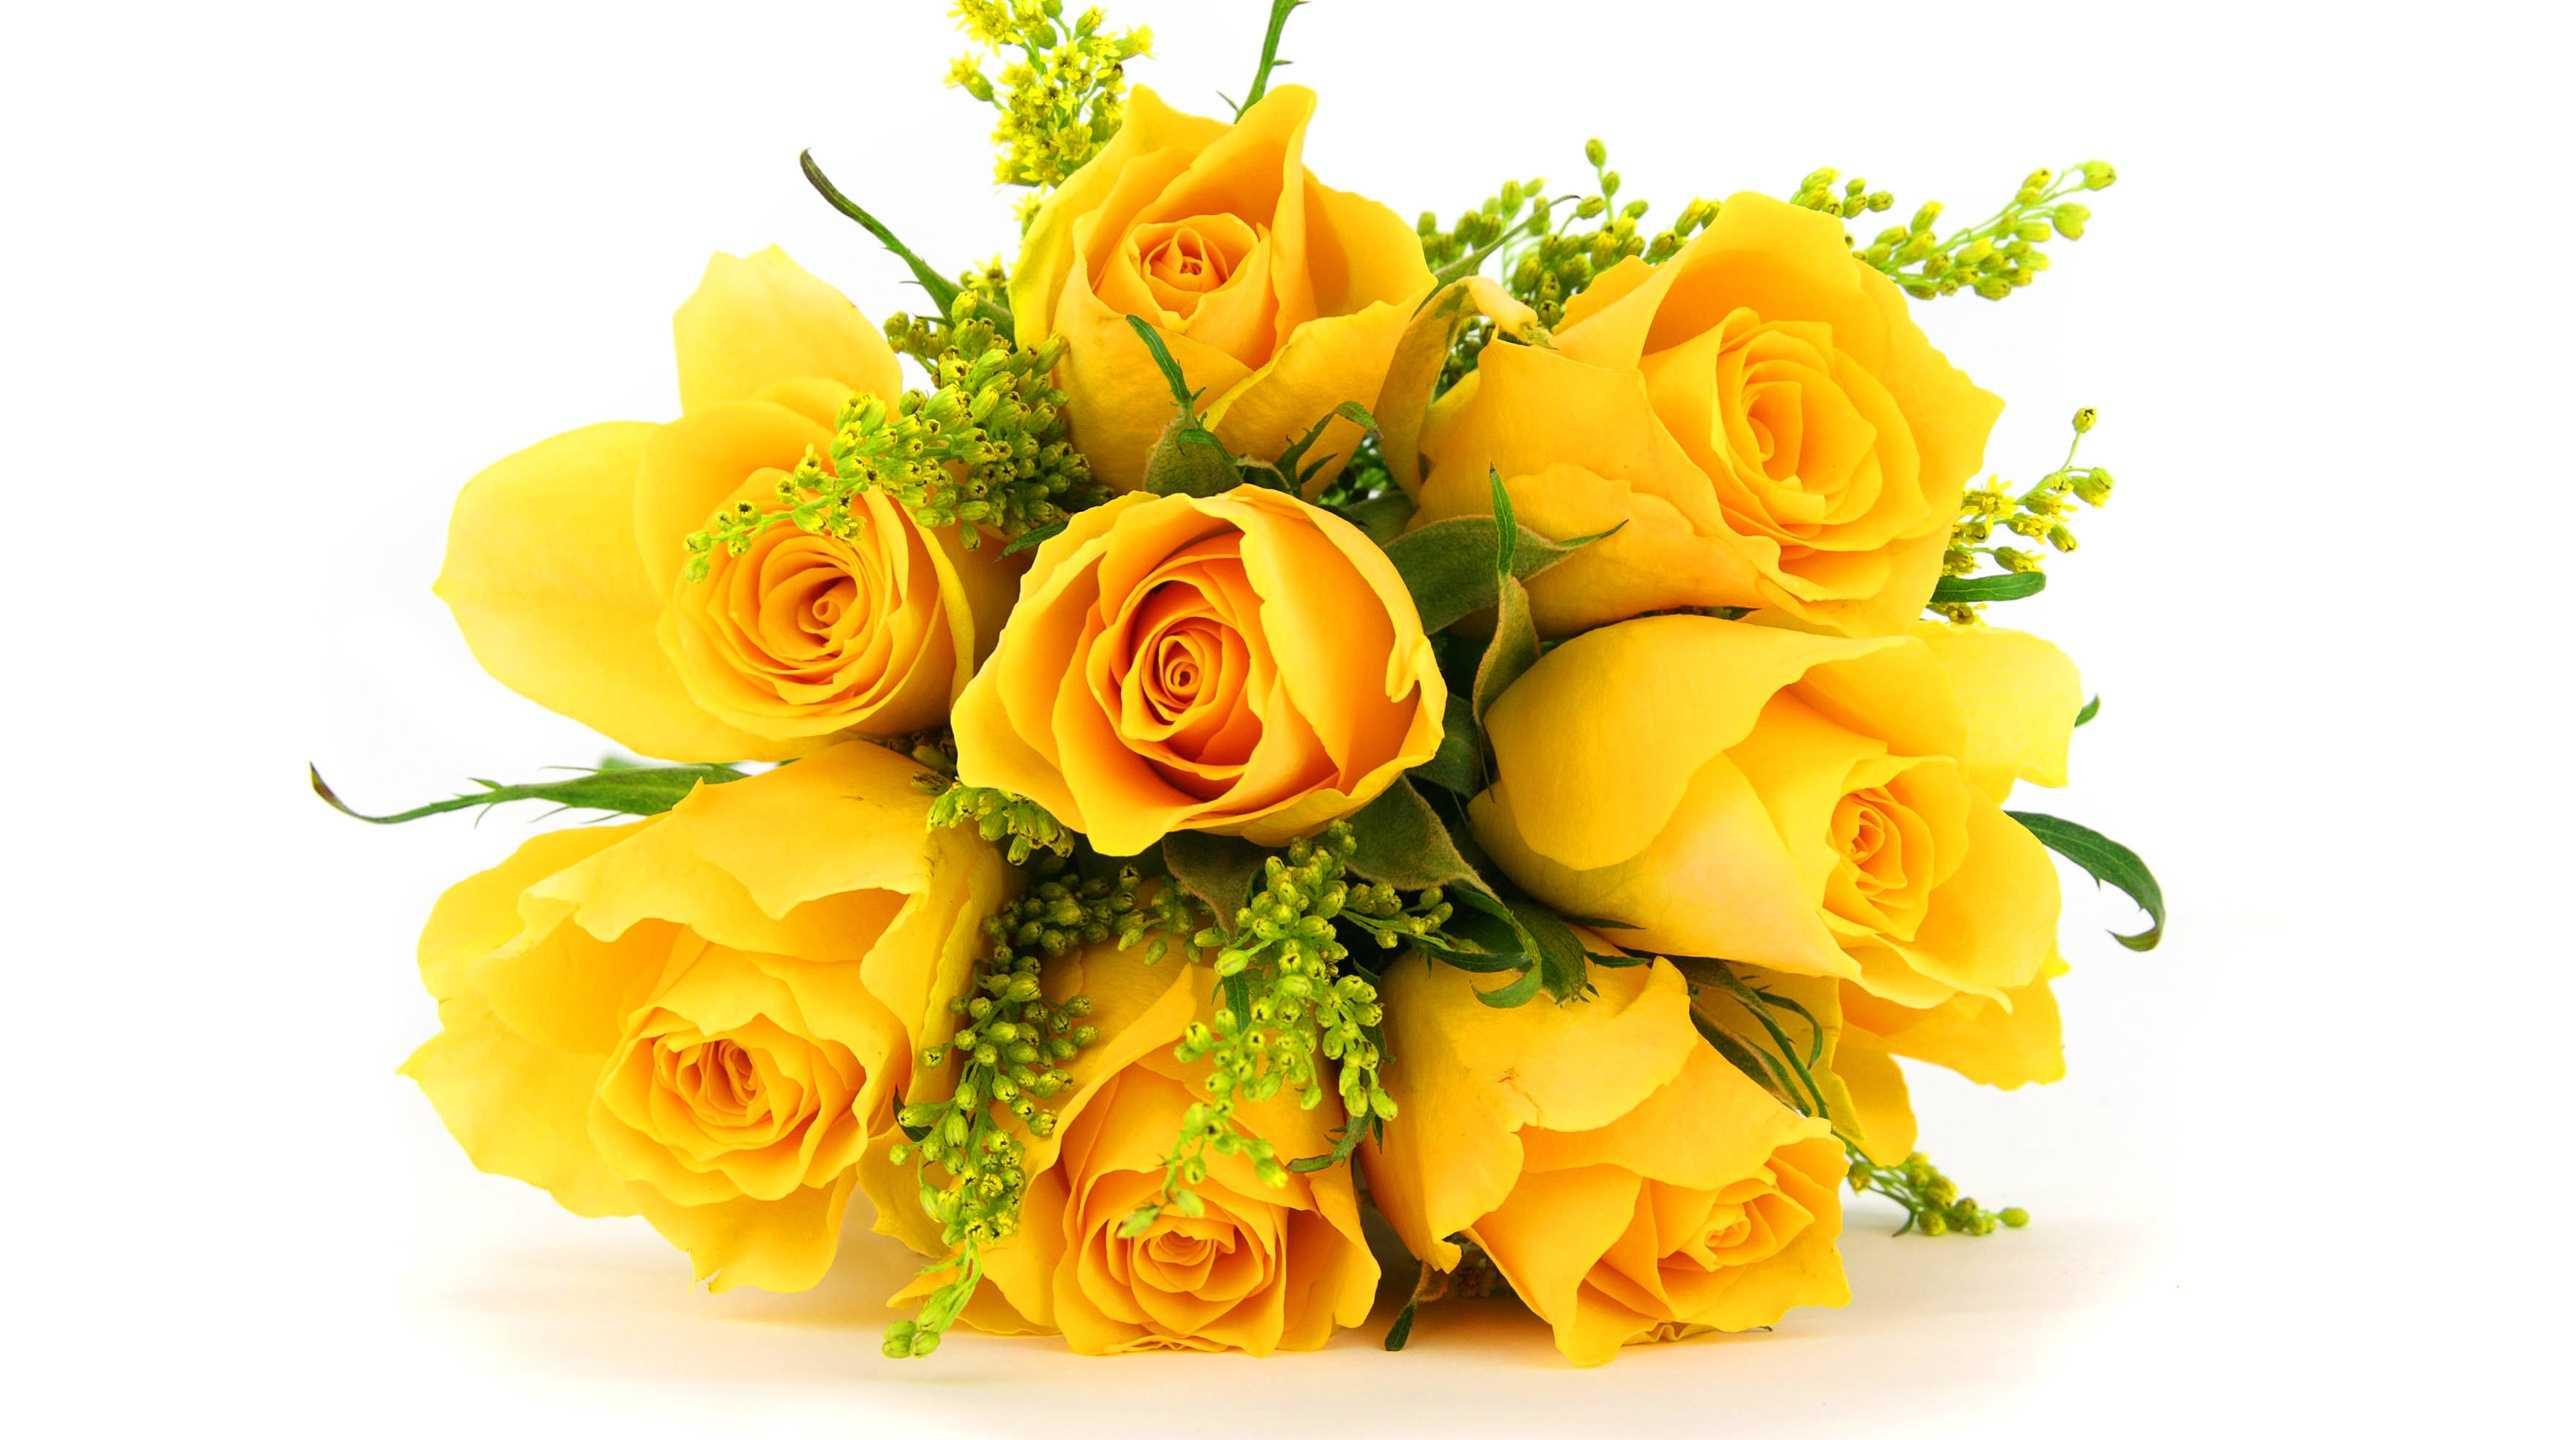 Rose Flower Wallpaper Reviews Online Shopping Rose Flower 2560x1440